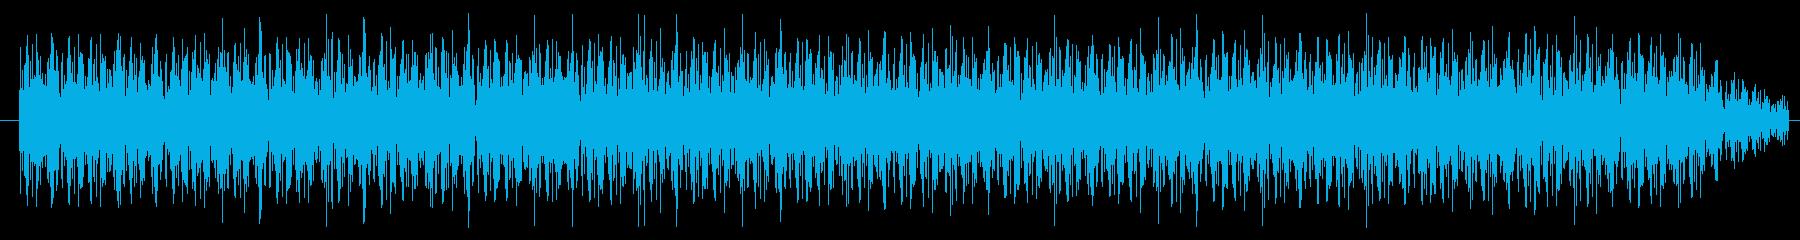 SNES-RPG03-9(崩壊) の再生済みの波形